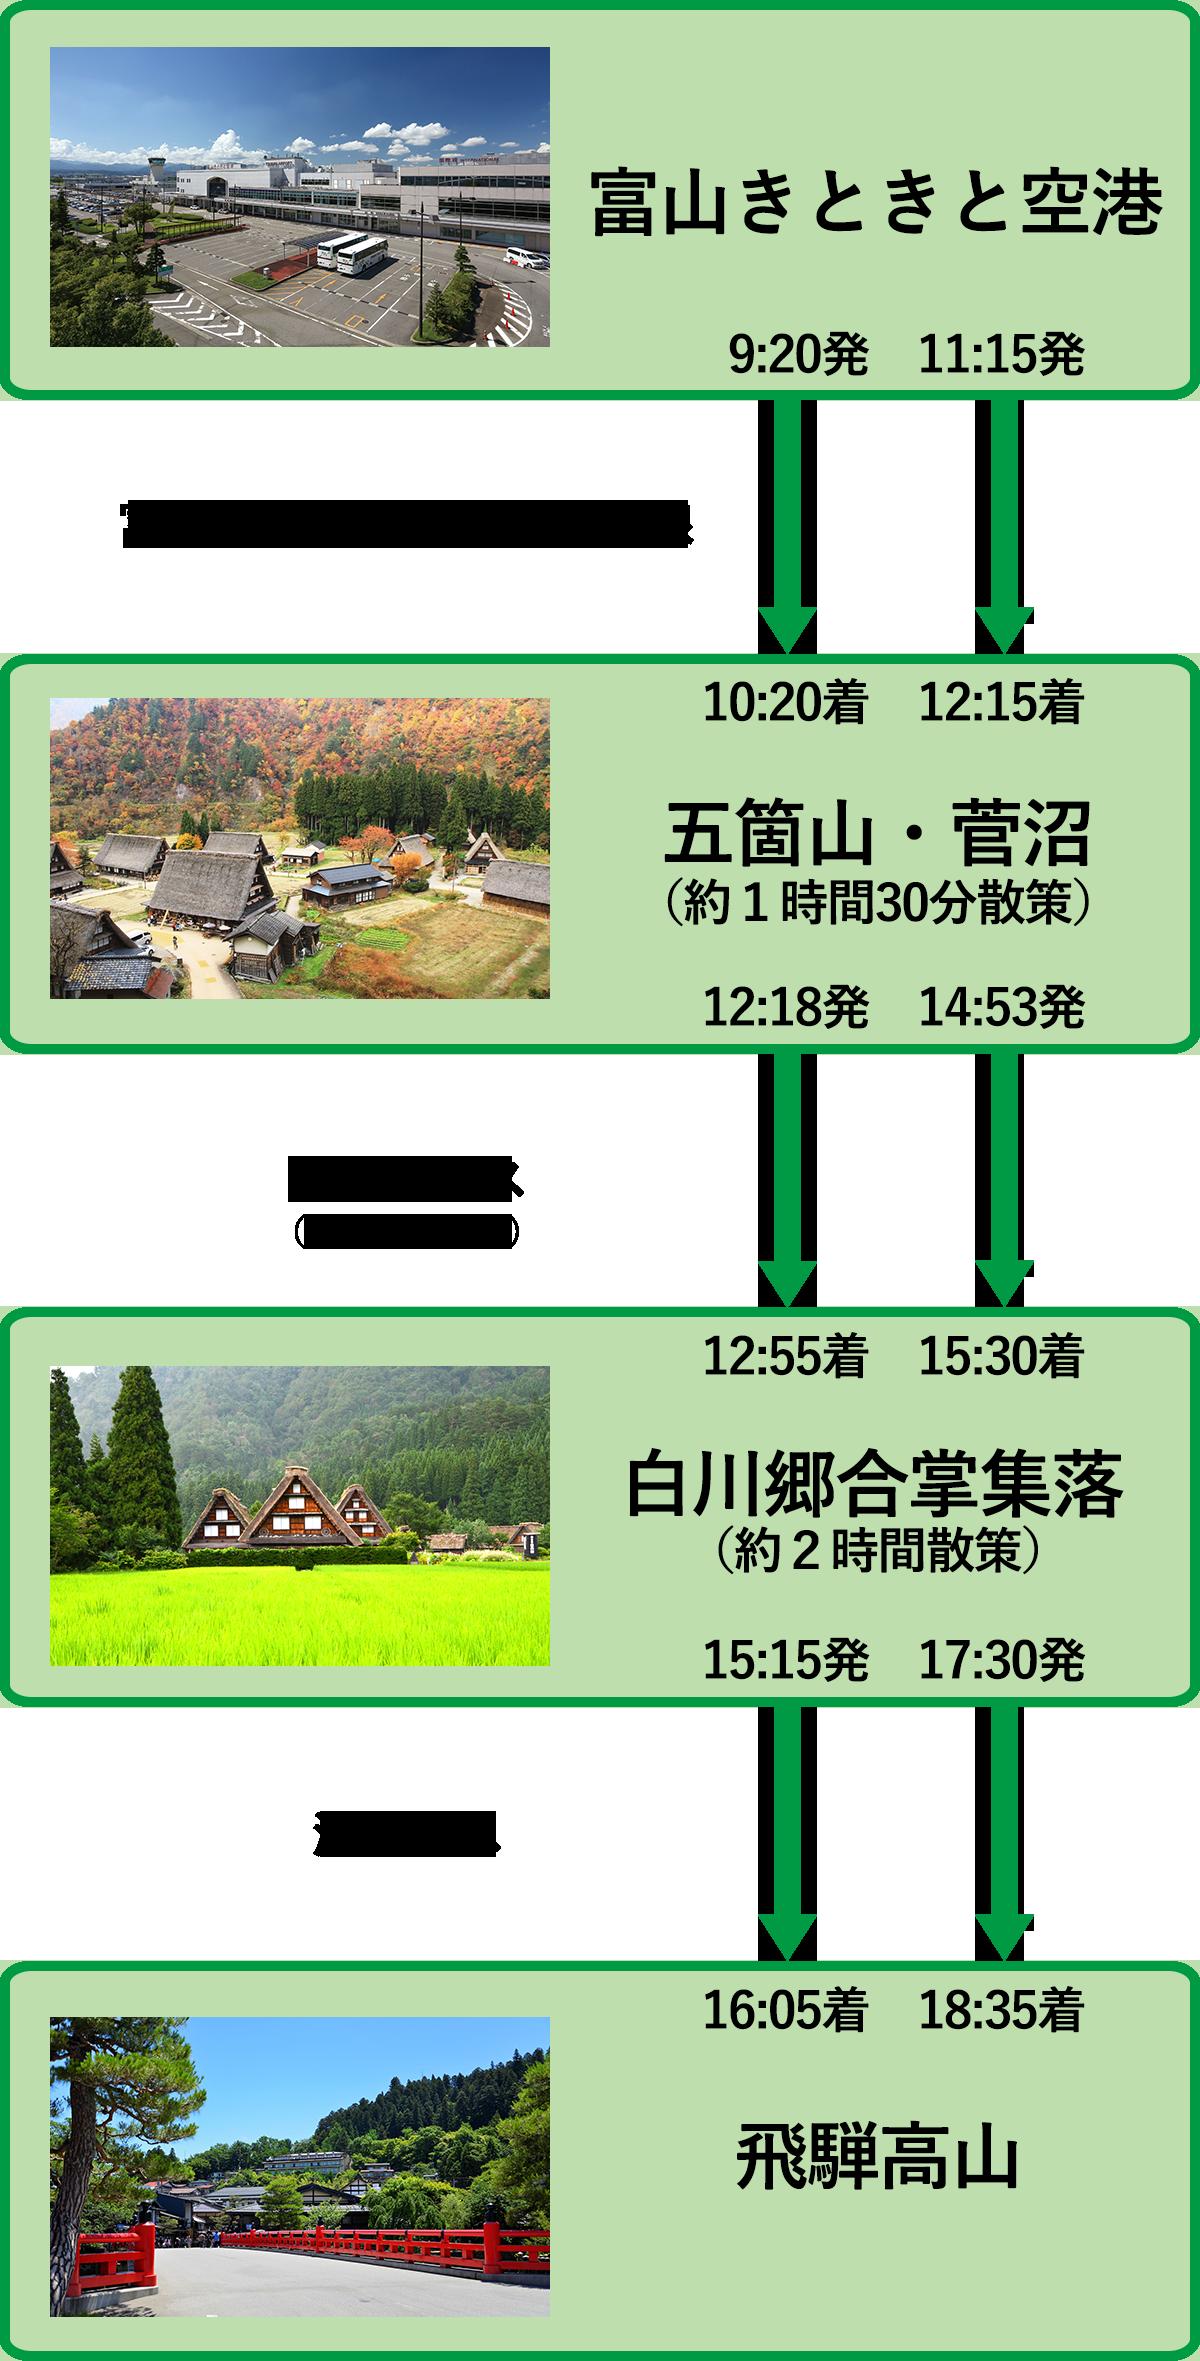 高山~富山きときと空港線モデルコース